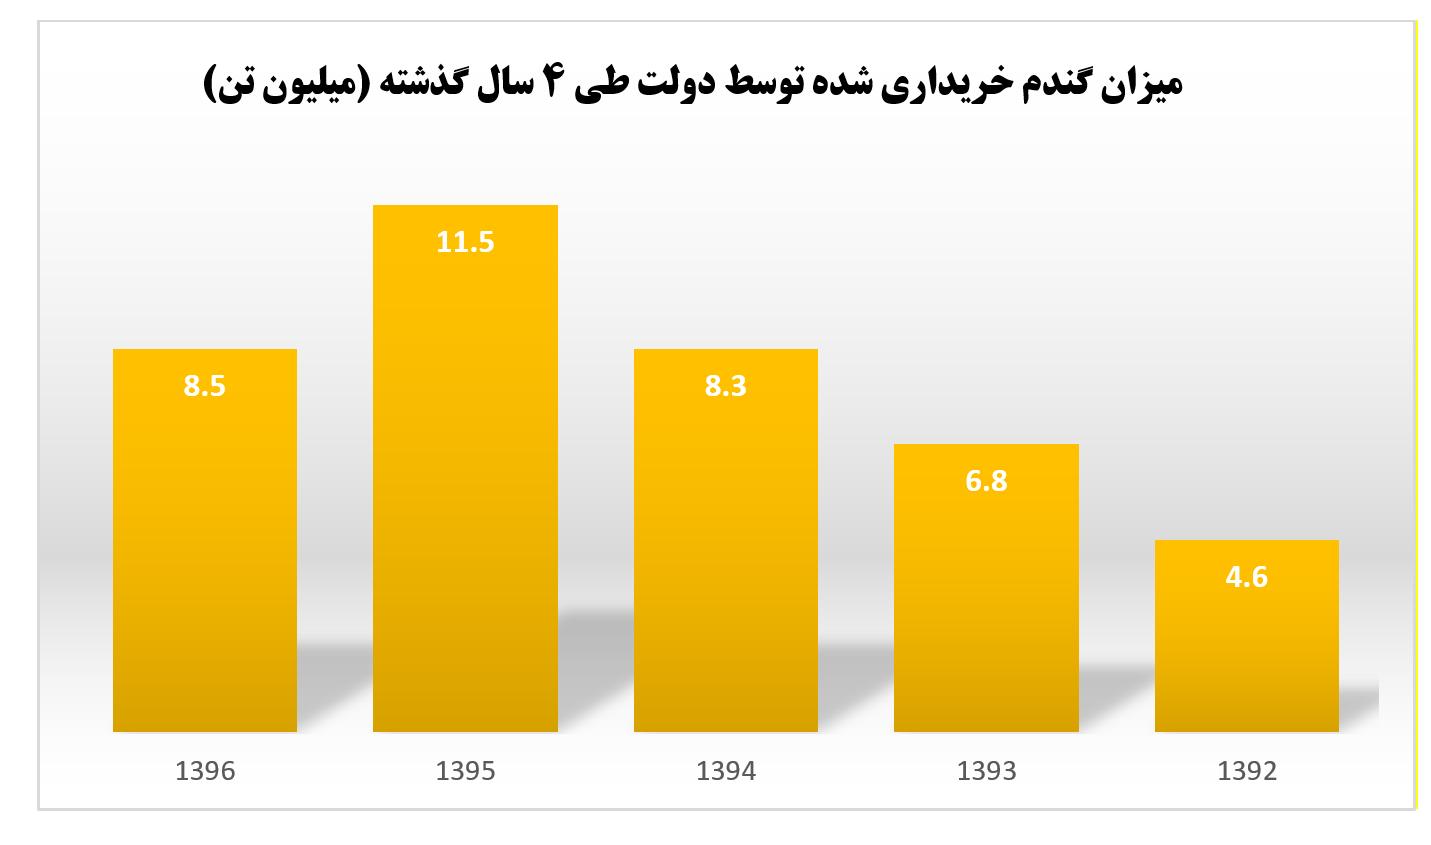 گندم خریداری شده توسط دولت اقتصاد مقاومتی - اشتیاق کشورهای اروپایی به خرید گندم با کیفیت ایرانی